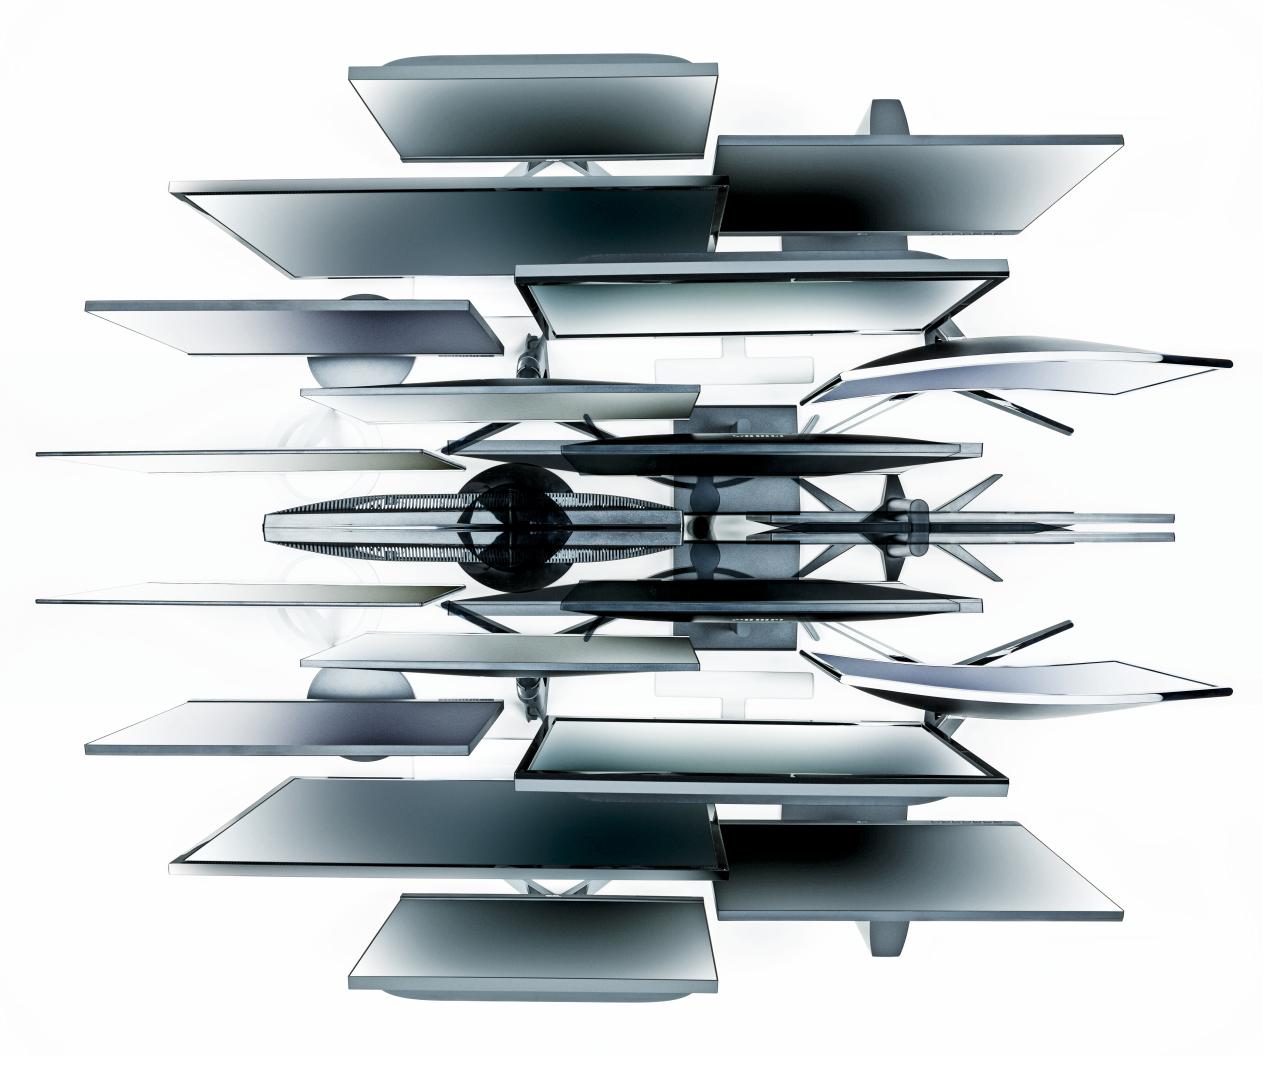 Monitor voor kantoor of als tweede scherm - 11 voordelige modellen getest